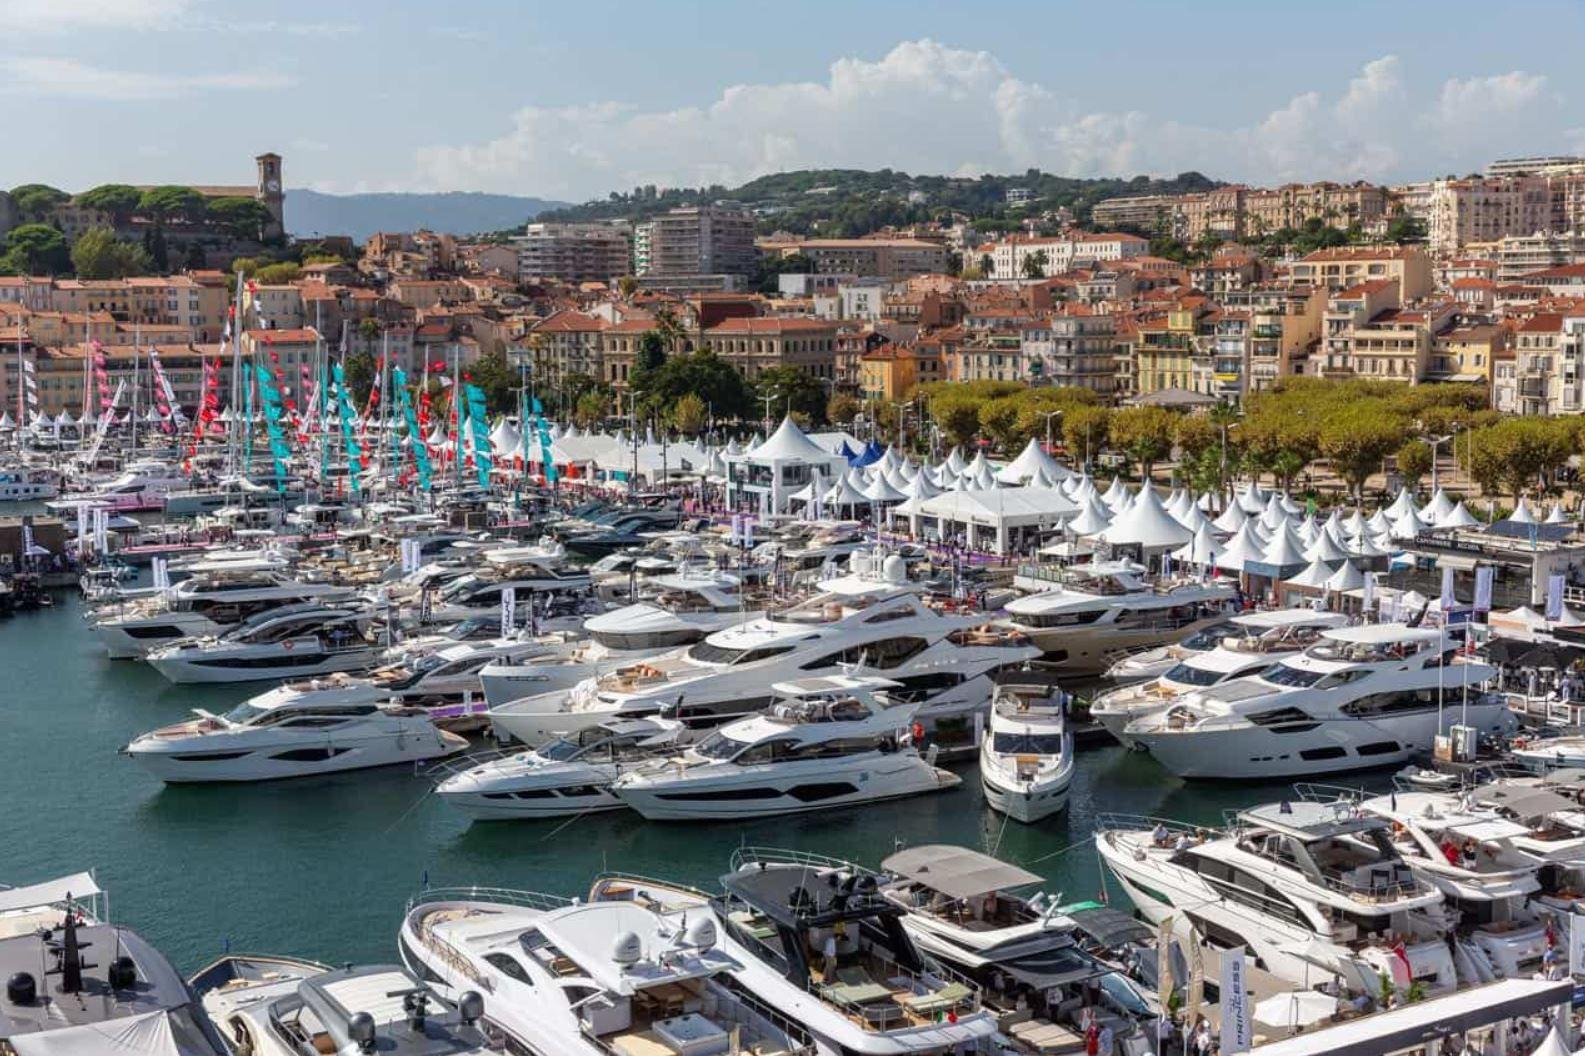 Yachting Festival de Cannes - nouveau report de la décision de la Cour d'Appel de Paris